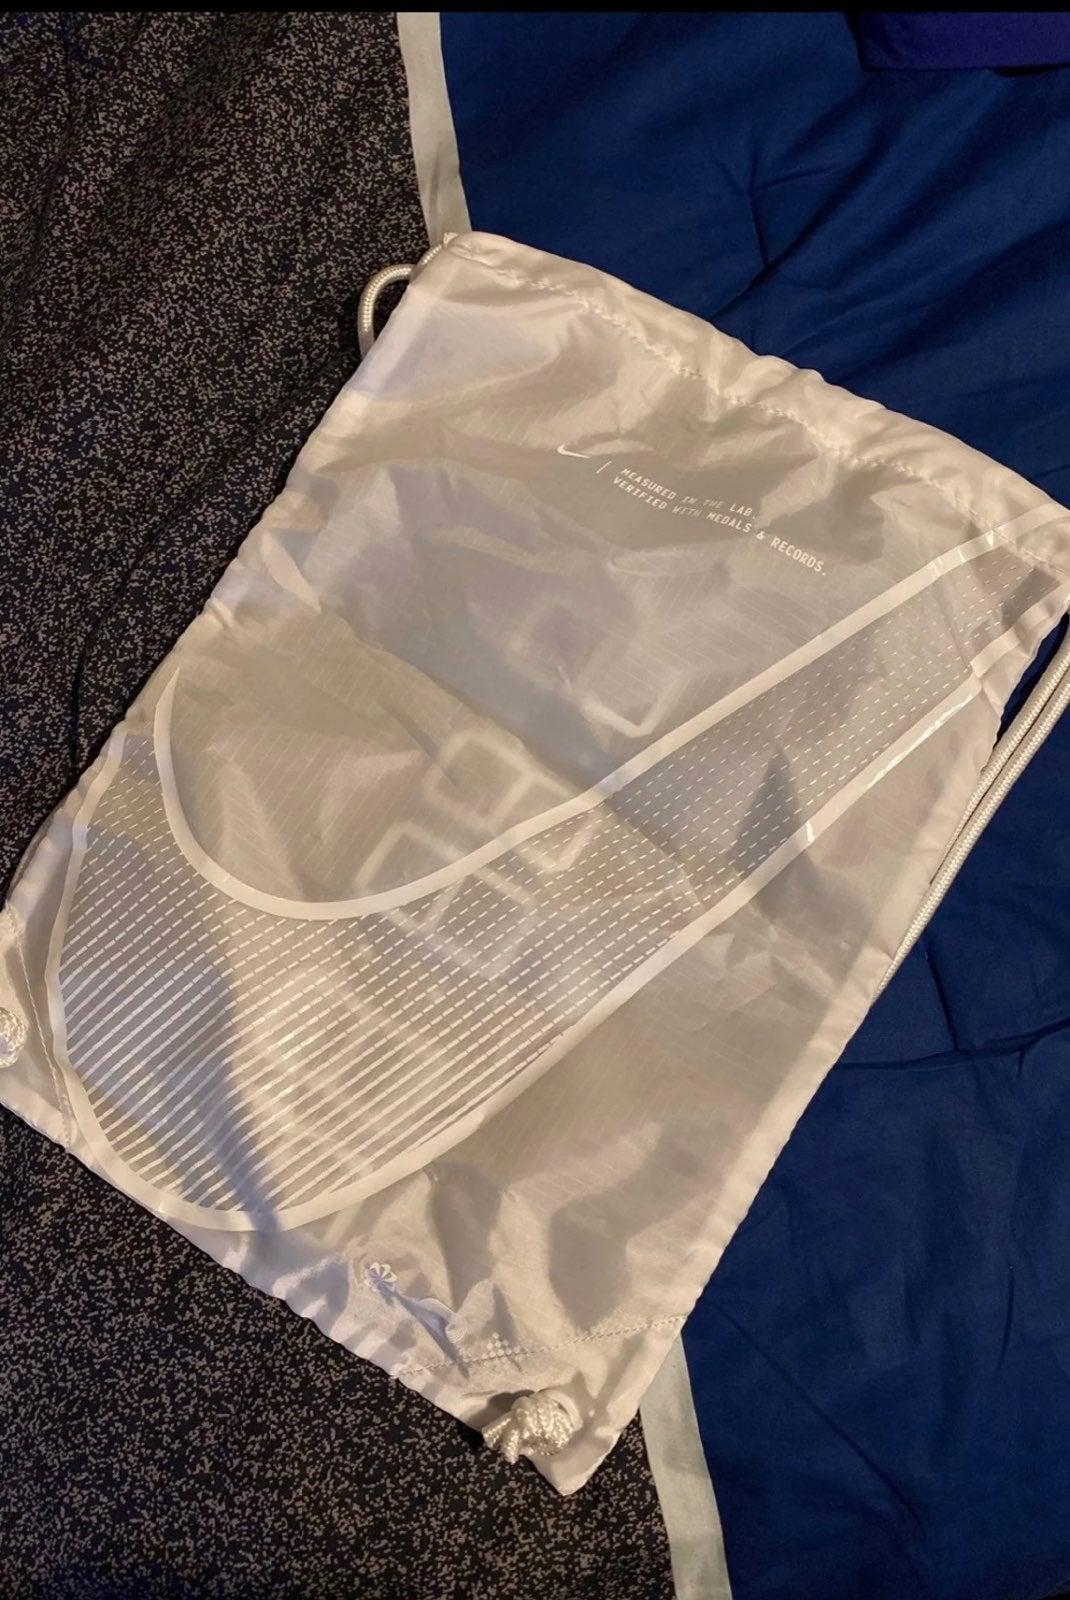 Nike Vaporfly Next % drawstring bag